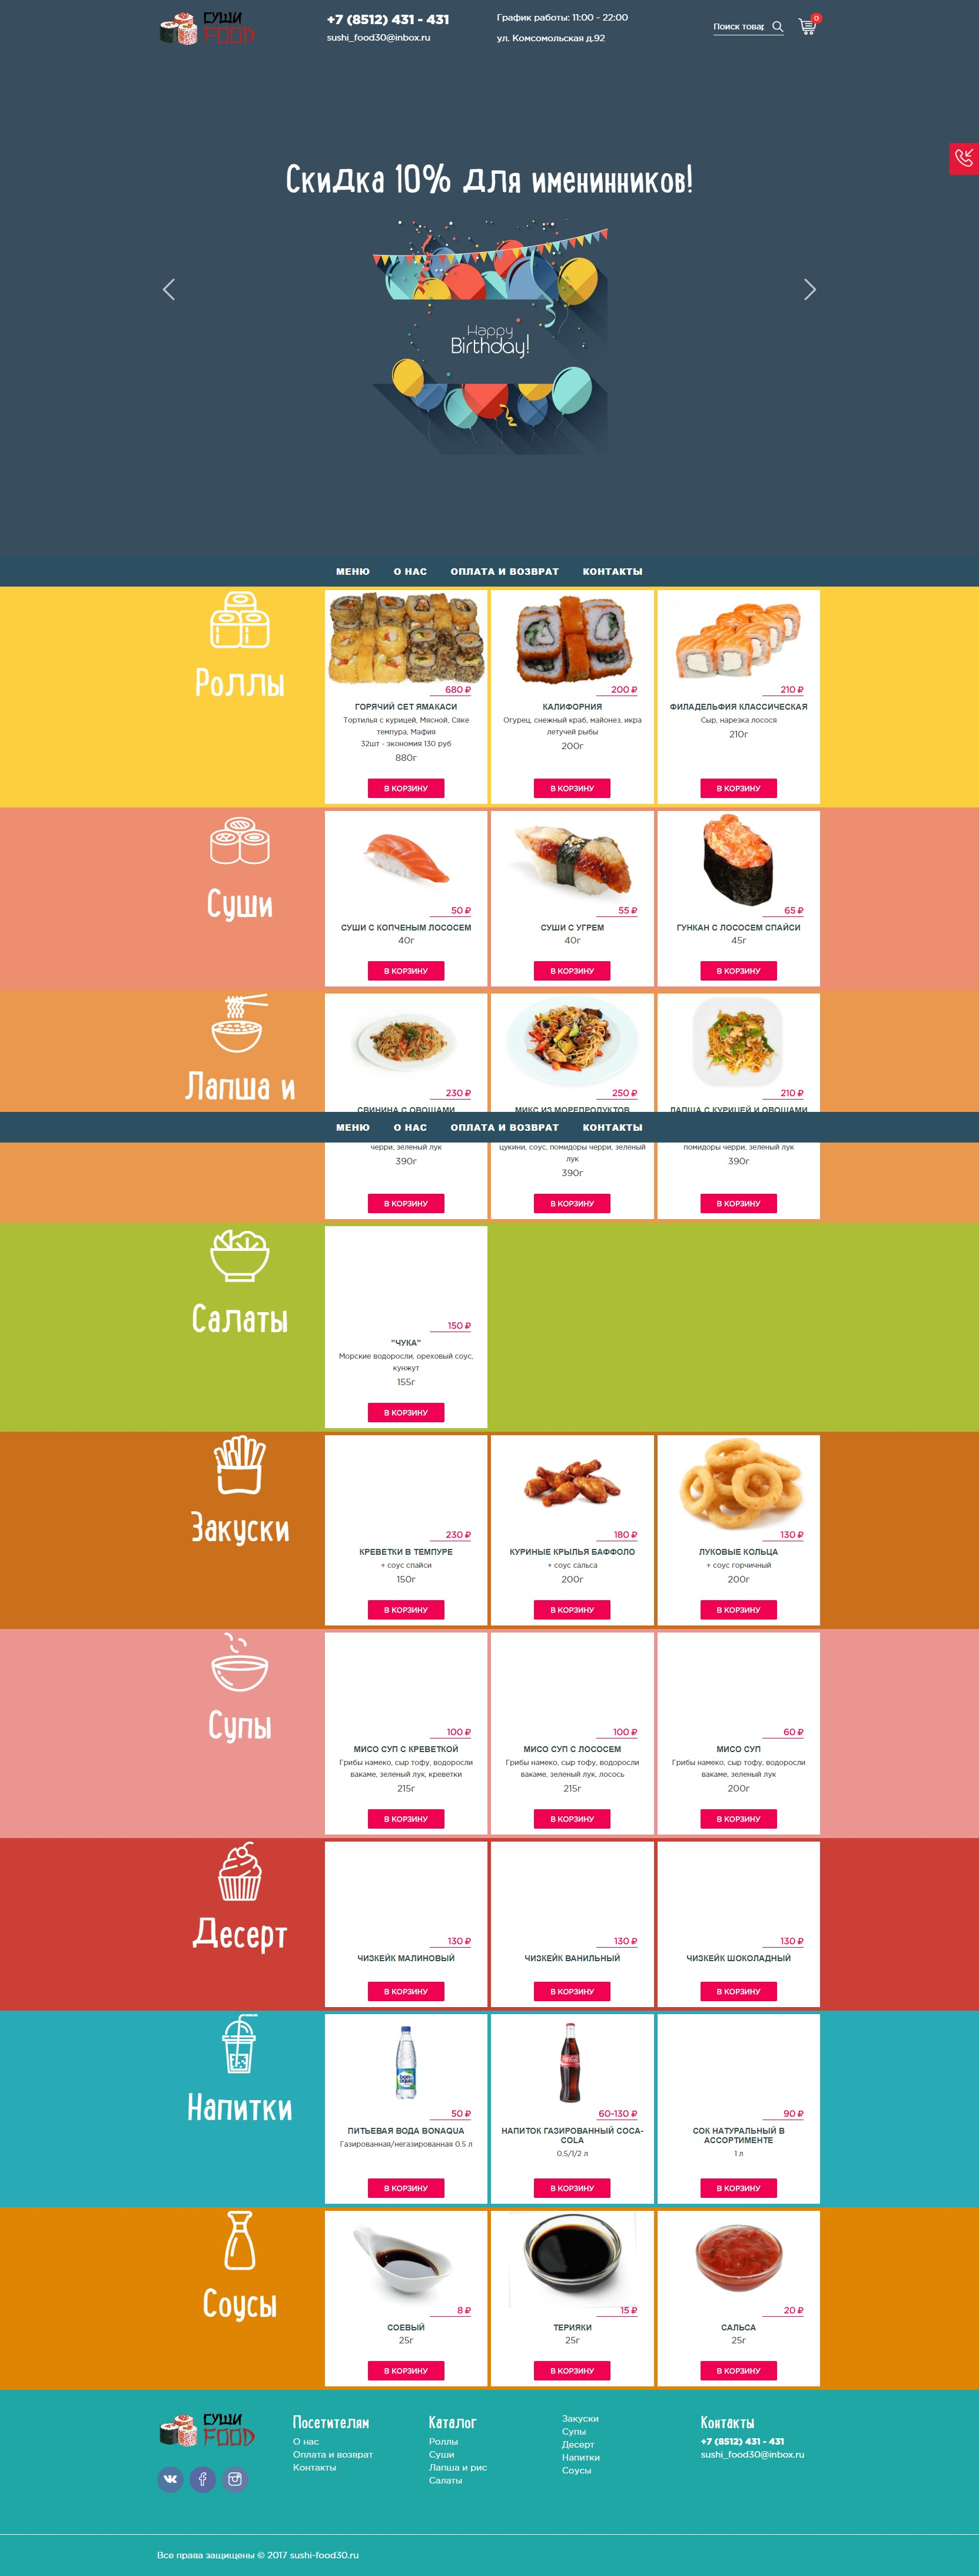 Дизайн старой версии сайта